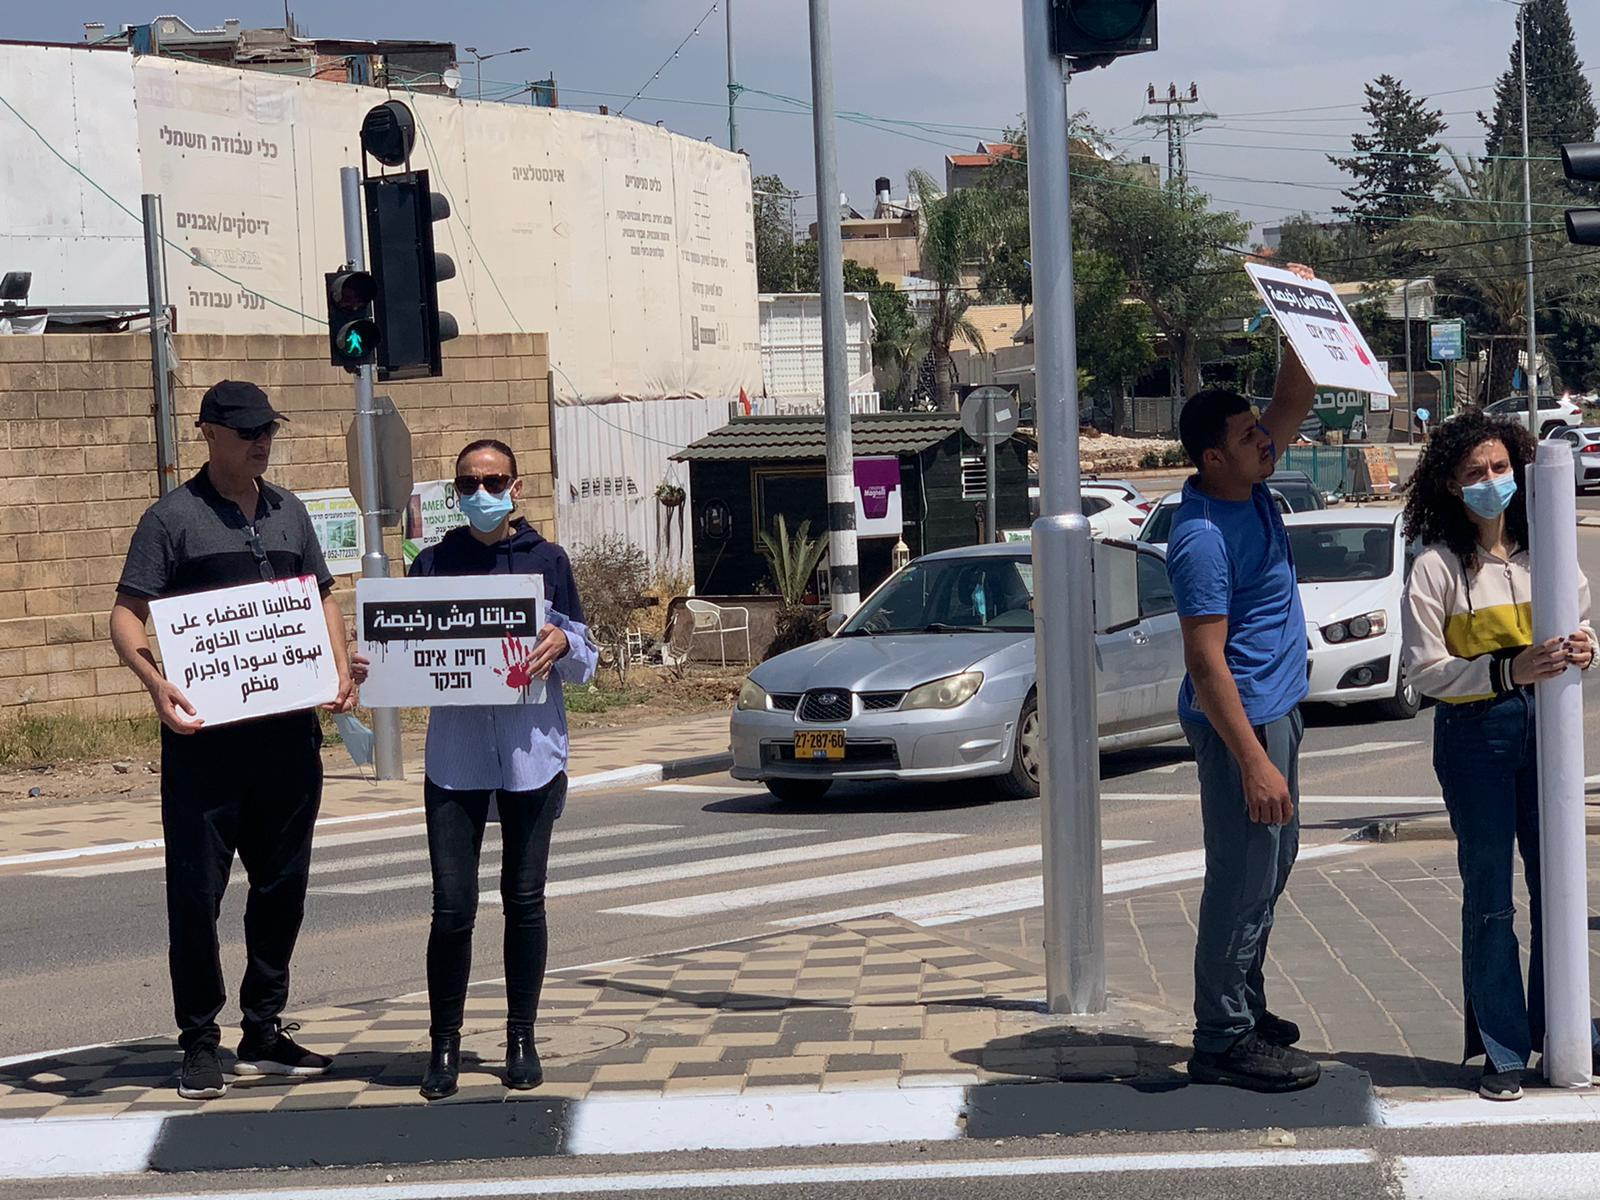 للأسبوع السابع في جلجولية: وقفة احتجاجية ضد الجريمة والشرطة